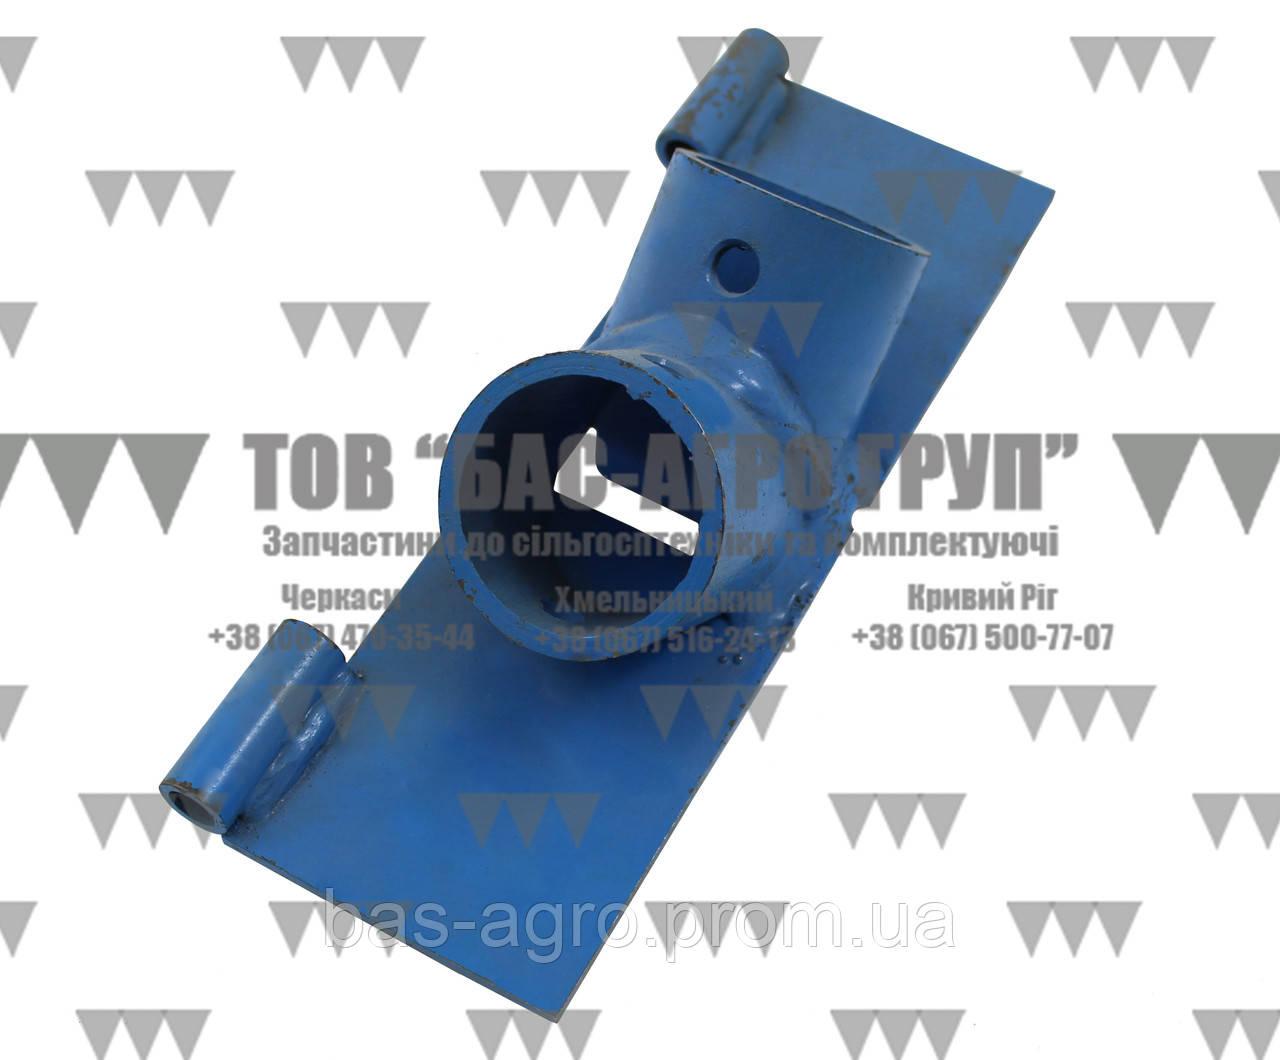 Крышка Monosem 9263-2, 65101994 аналог